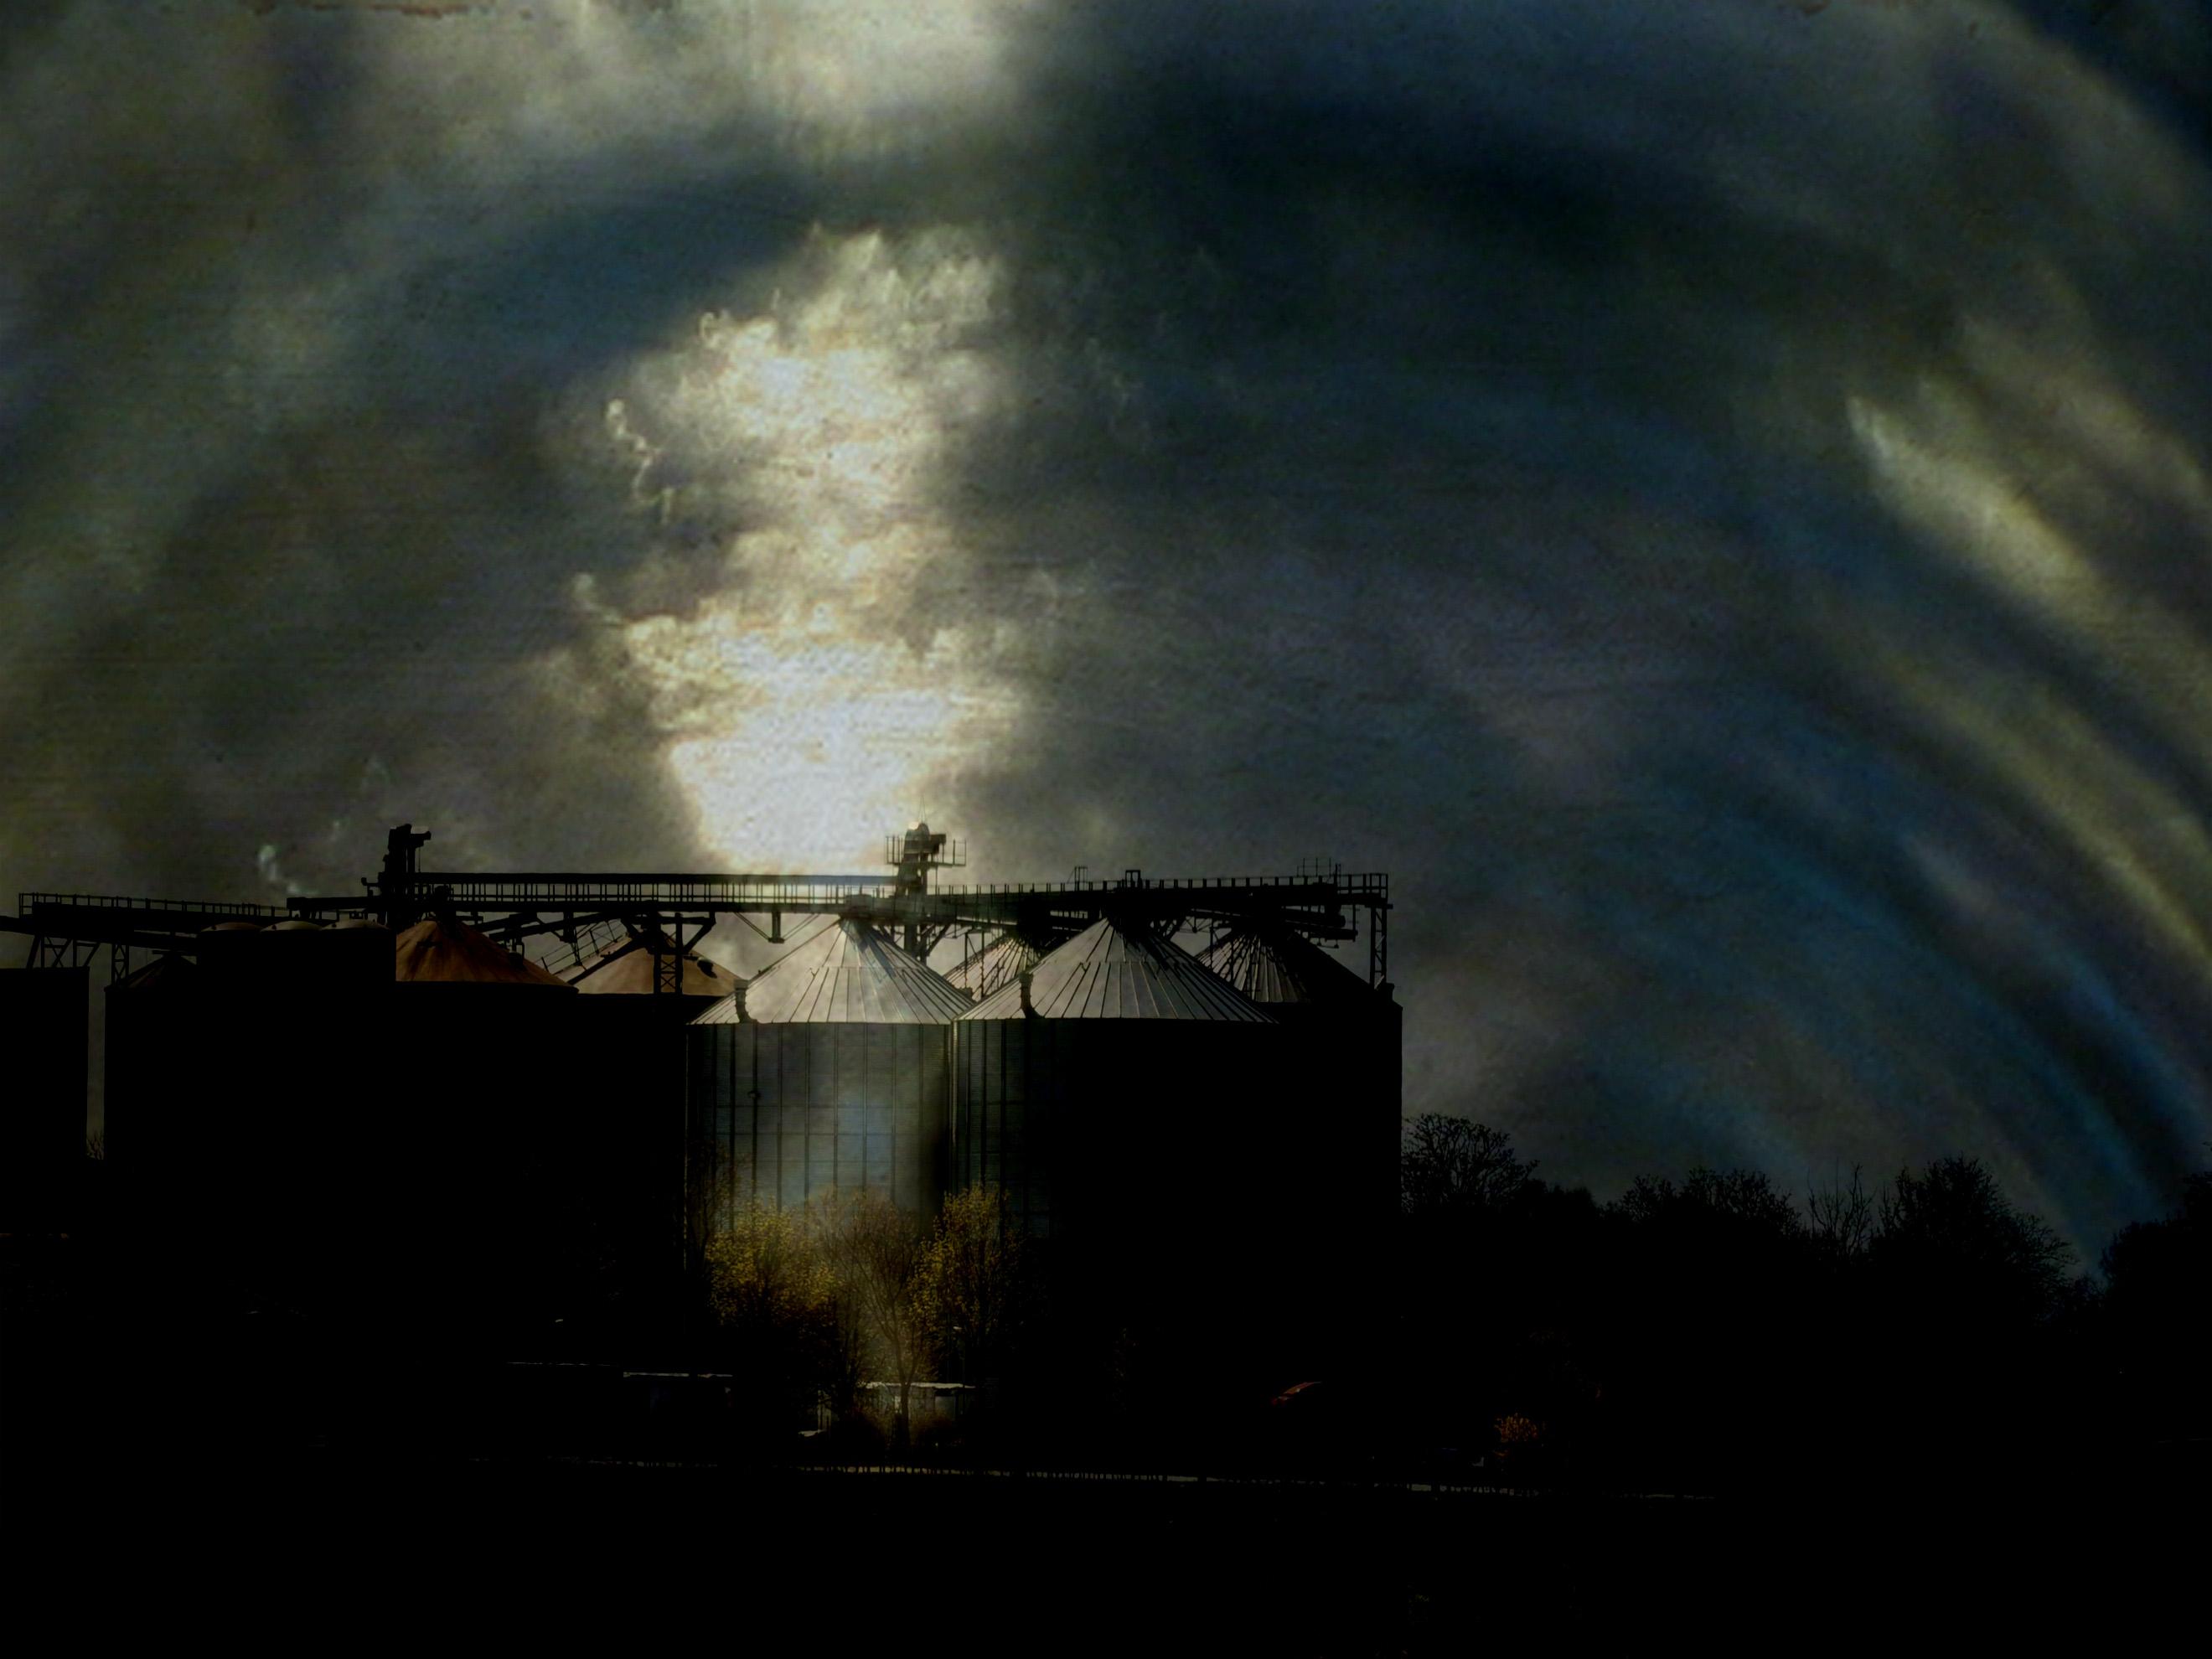 Wallpaper : sunlight, trees, dark, night, reflection, sky